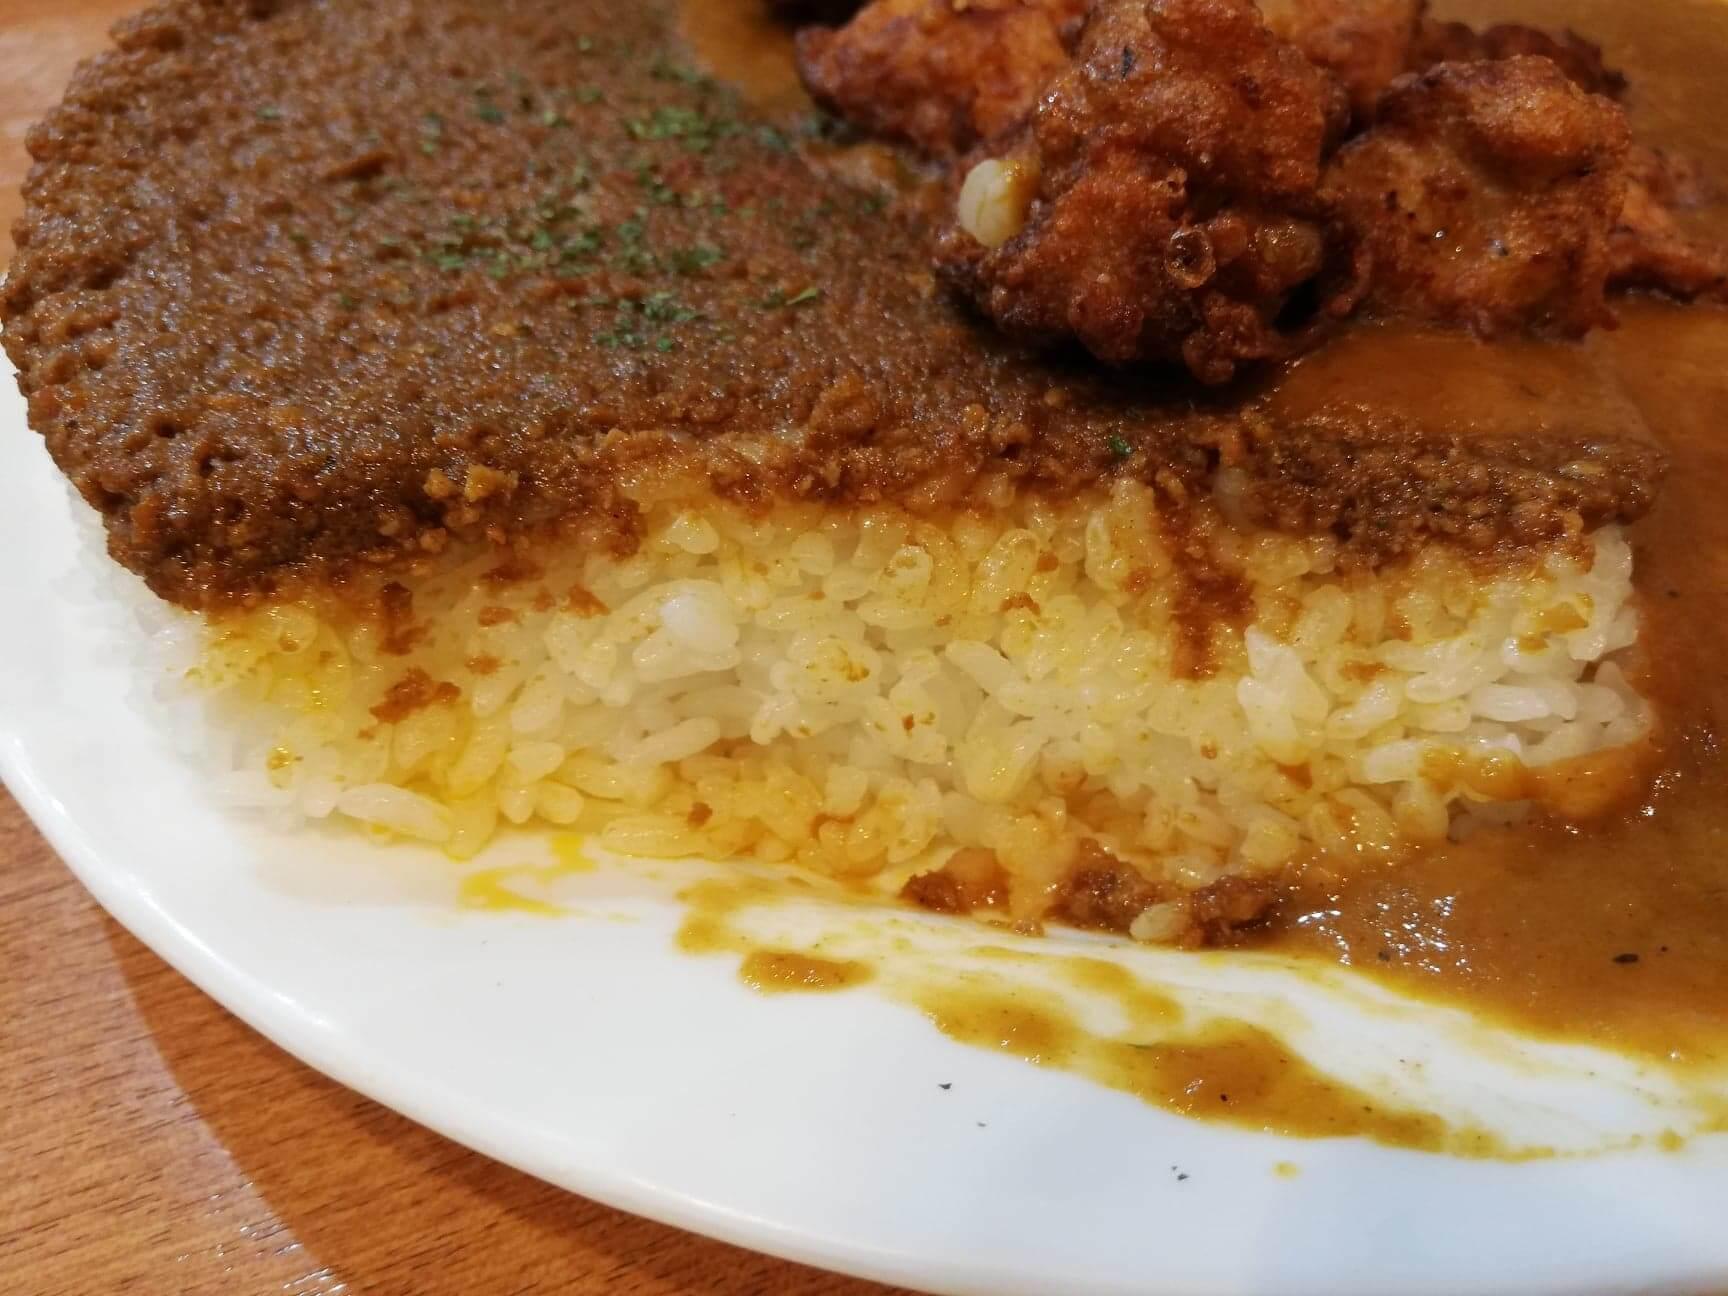 渋谷(神泉)『カレー屋パクパクもりもり』のパクもり唐揚げカレーの断面写真